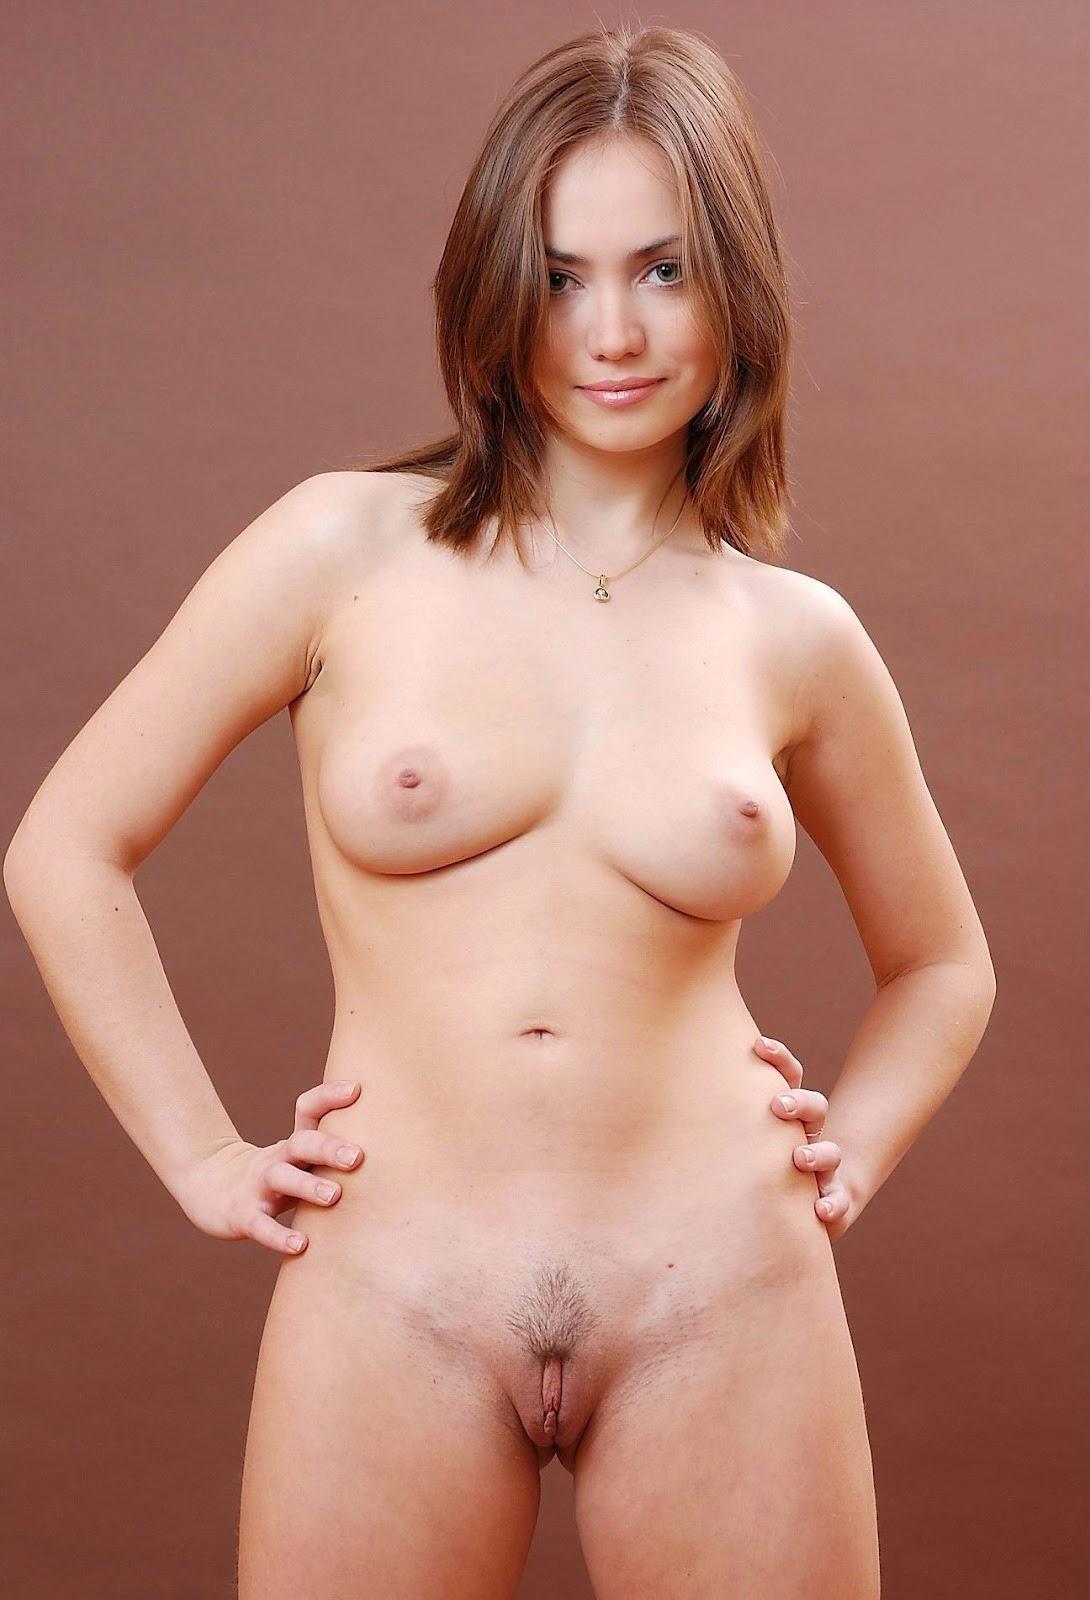 Naked girls show off ass